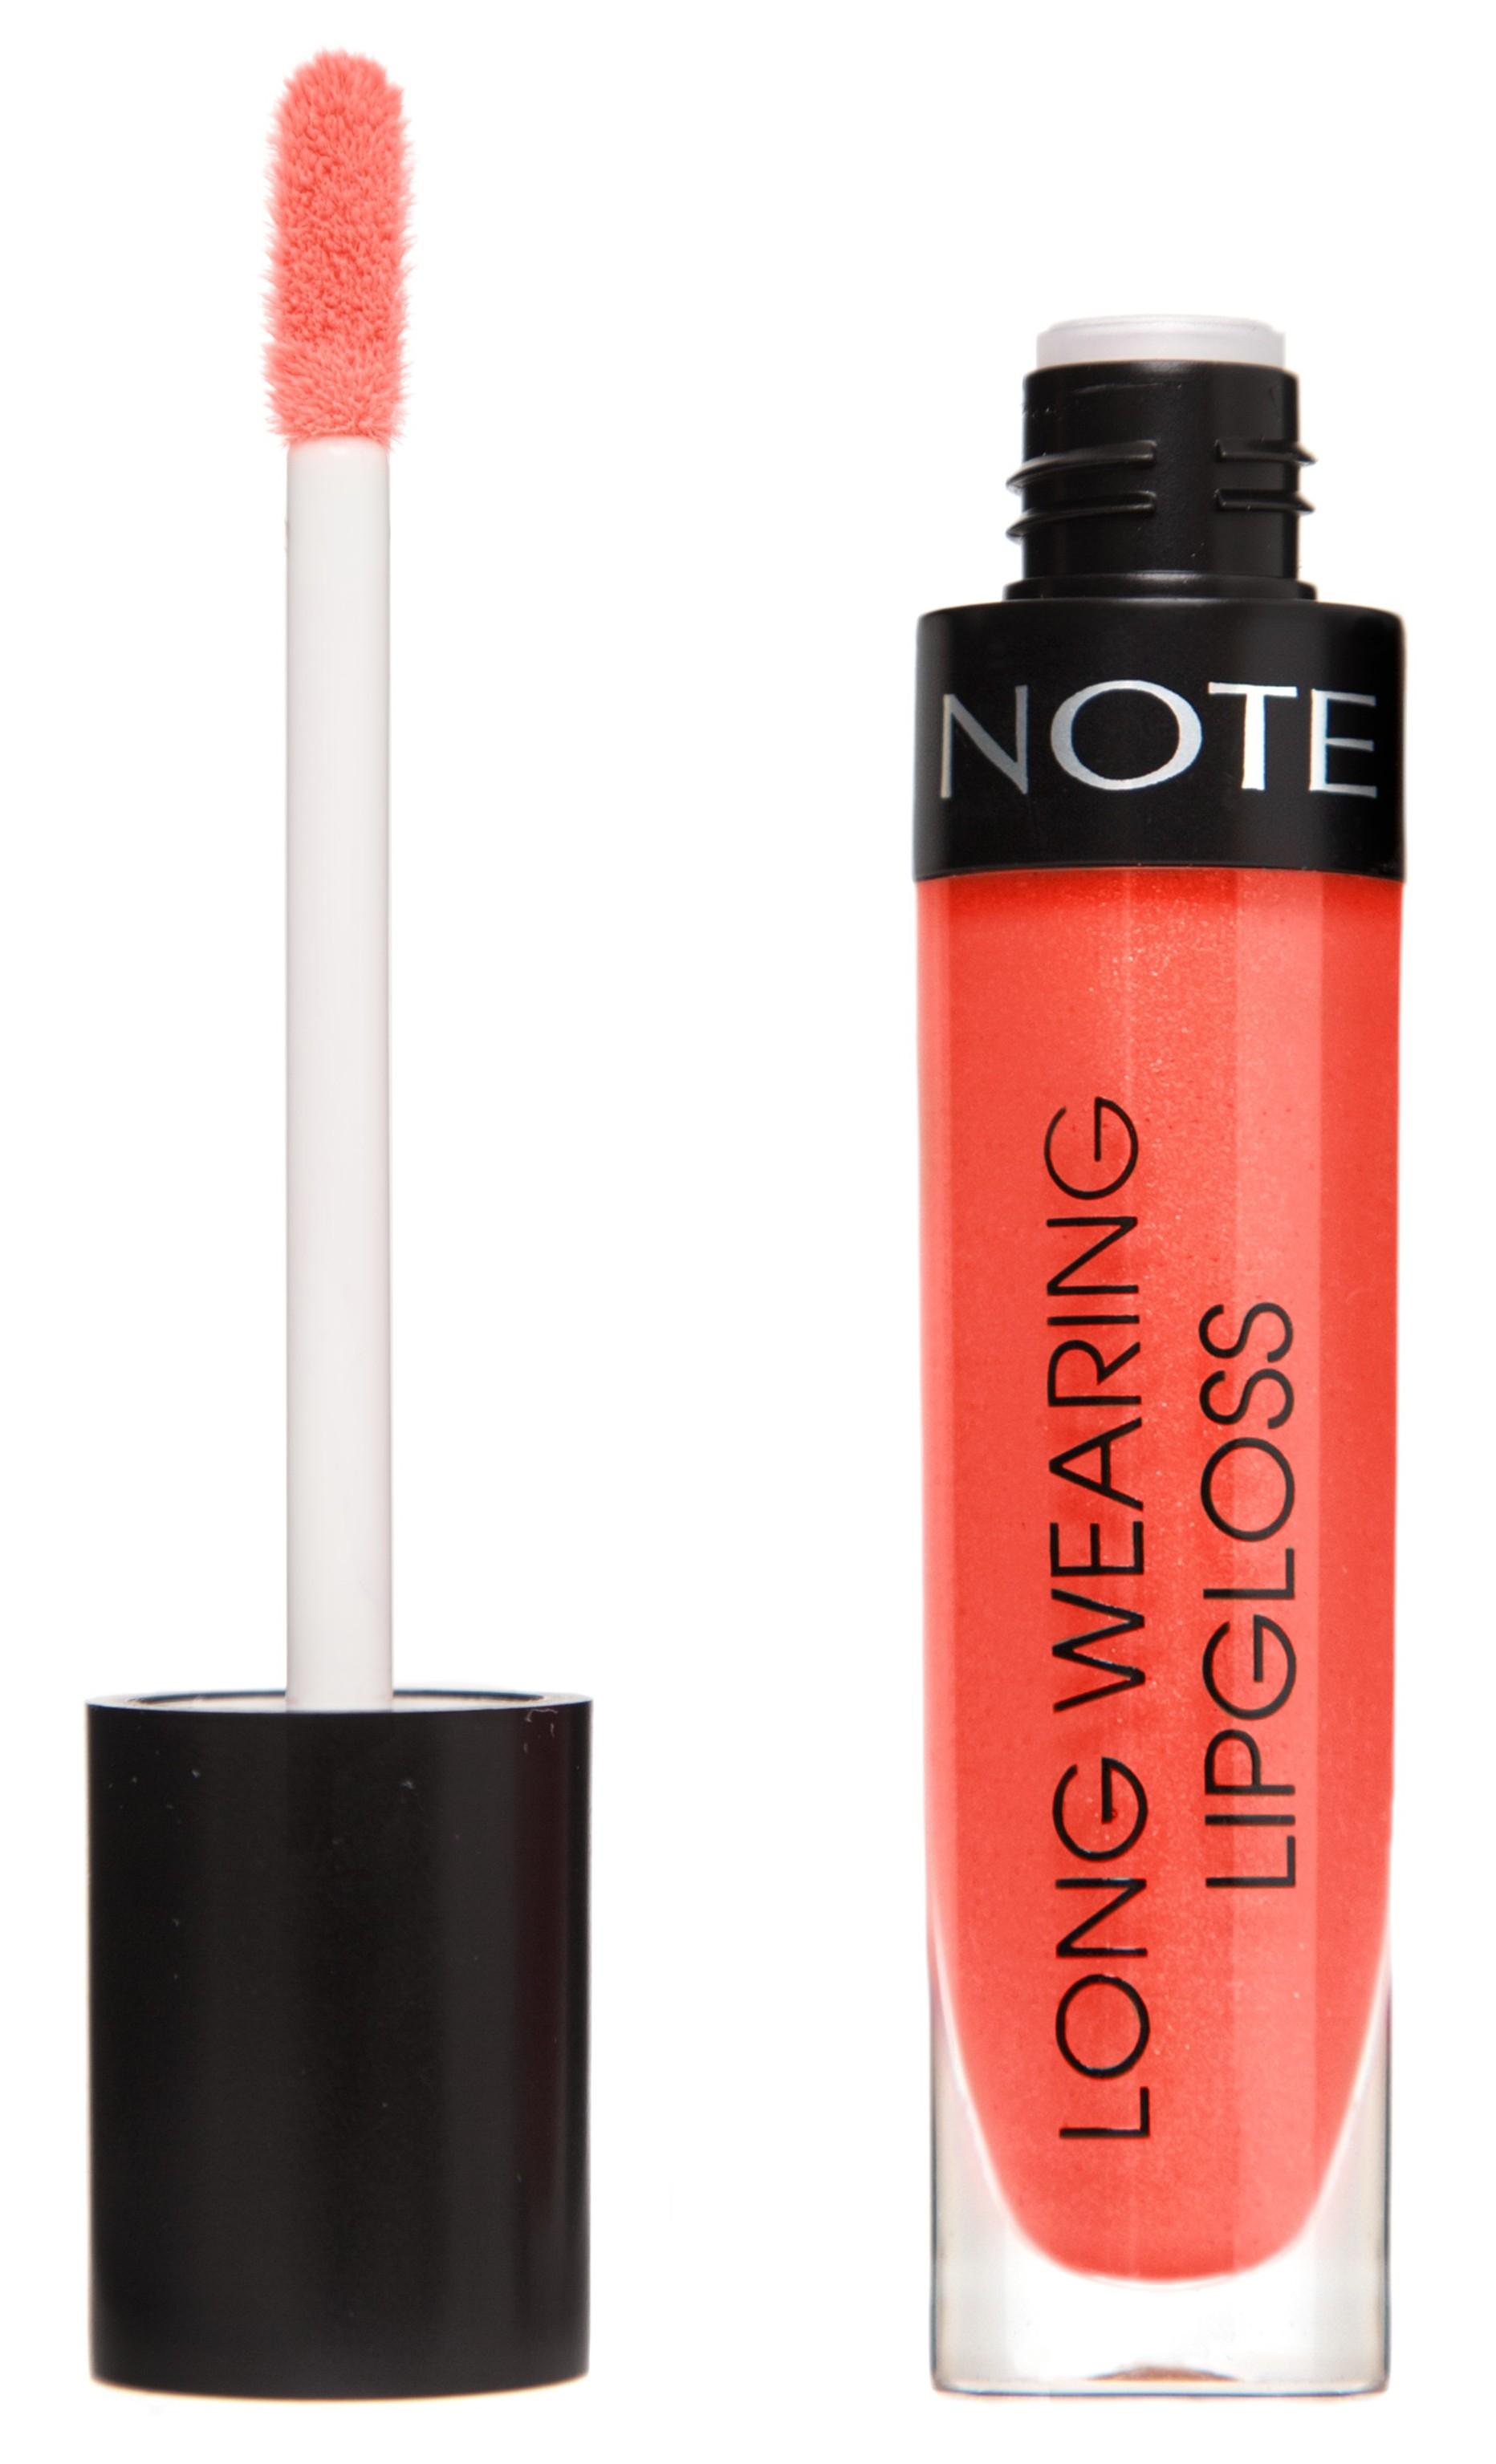 Купить NOTE Cosmetics Блеск стойкий для губ 08 / LONG WEARING LIPGLOSS 6 мл